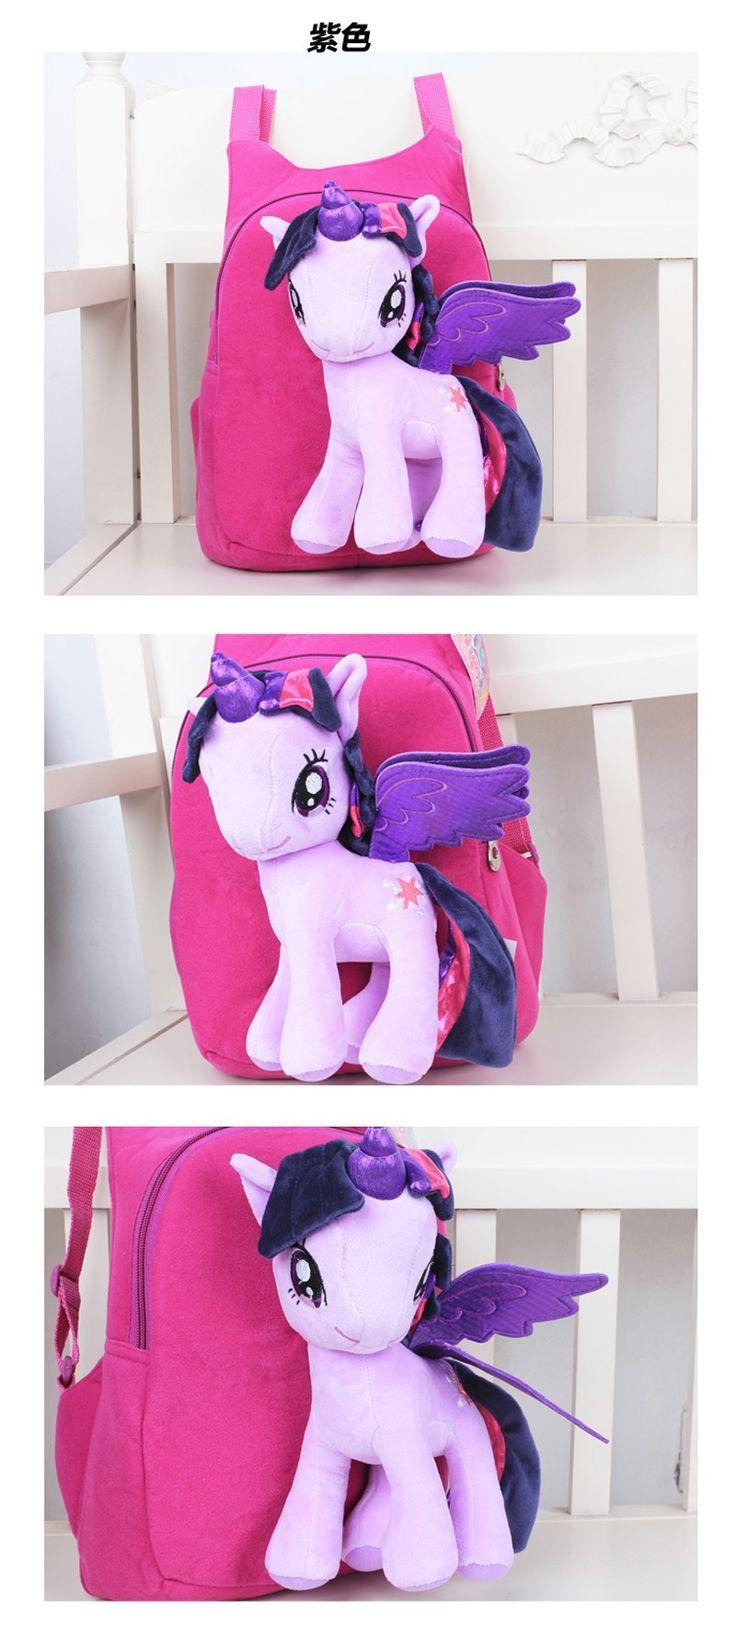 Aliexpress.com: Comprar Nueva marca de alta calidad linda 3D My Little Pony Minion mochila de peluche niños del bolso de escuela de la historieta para los niños de la taleguilla de nueva mochila fiable proveedores en NO01